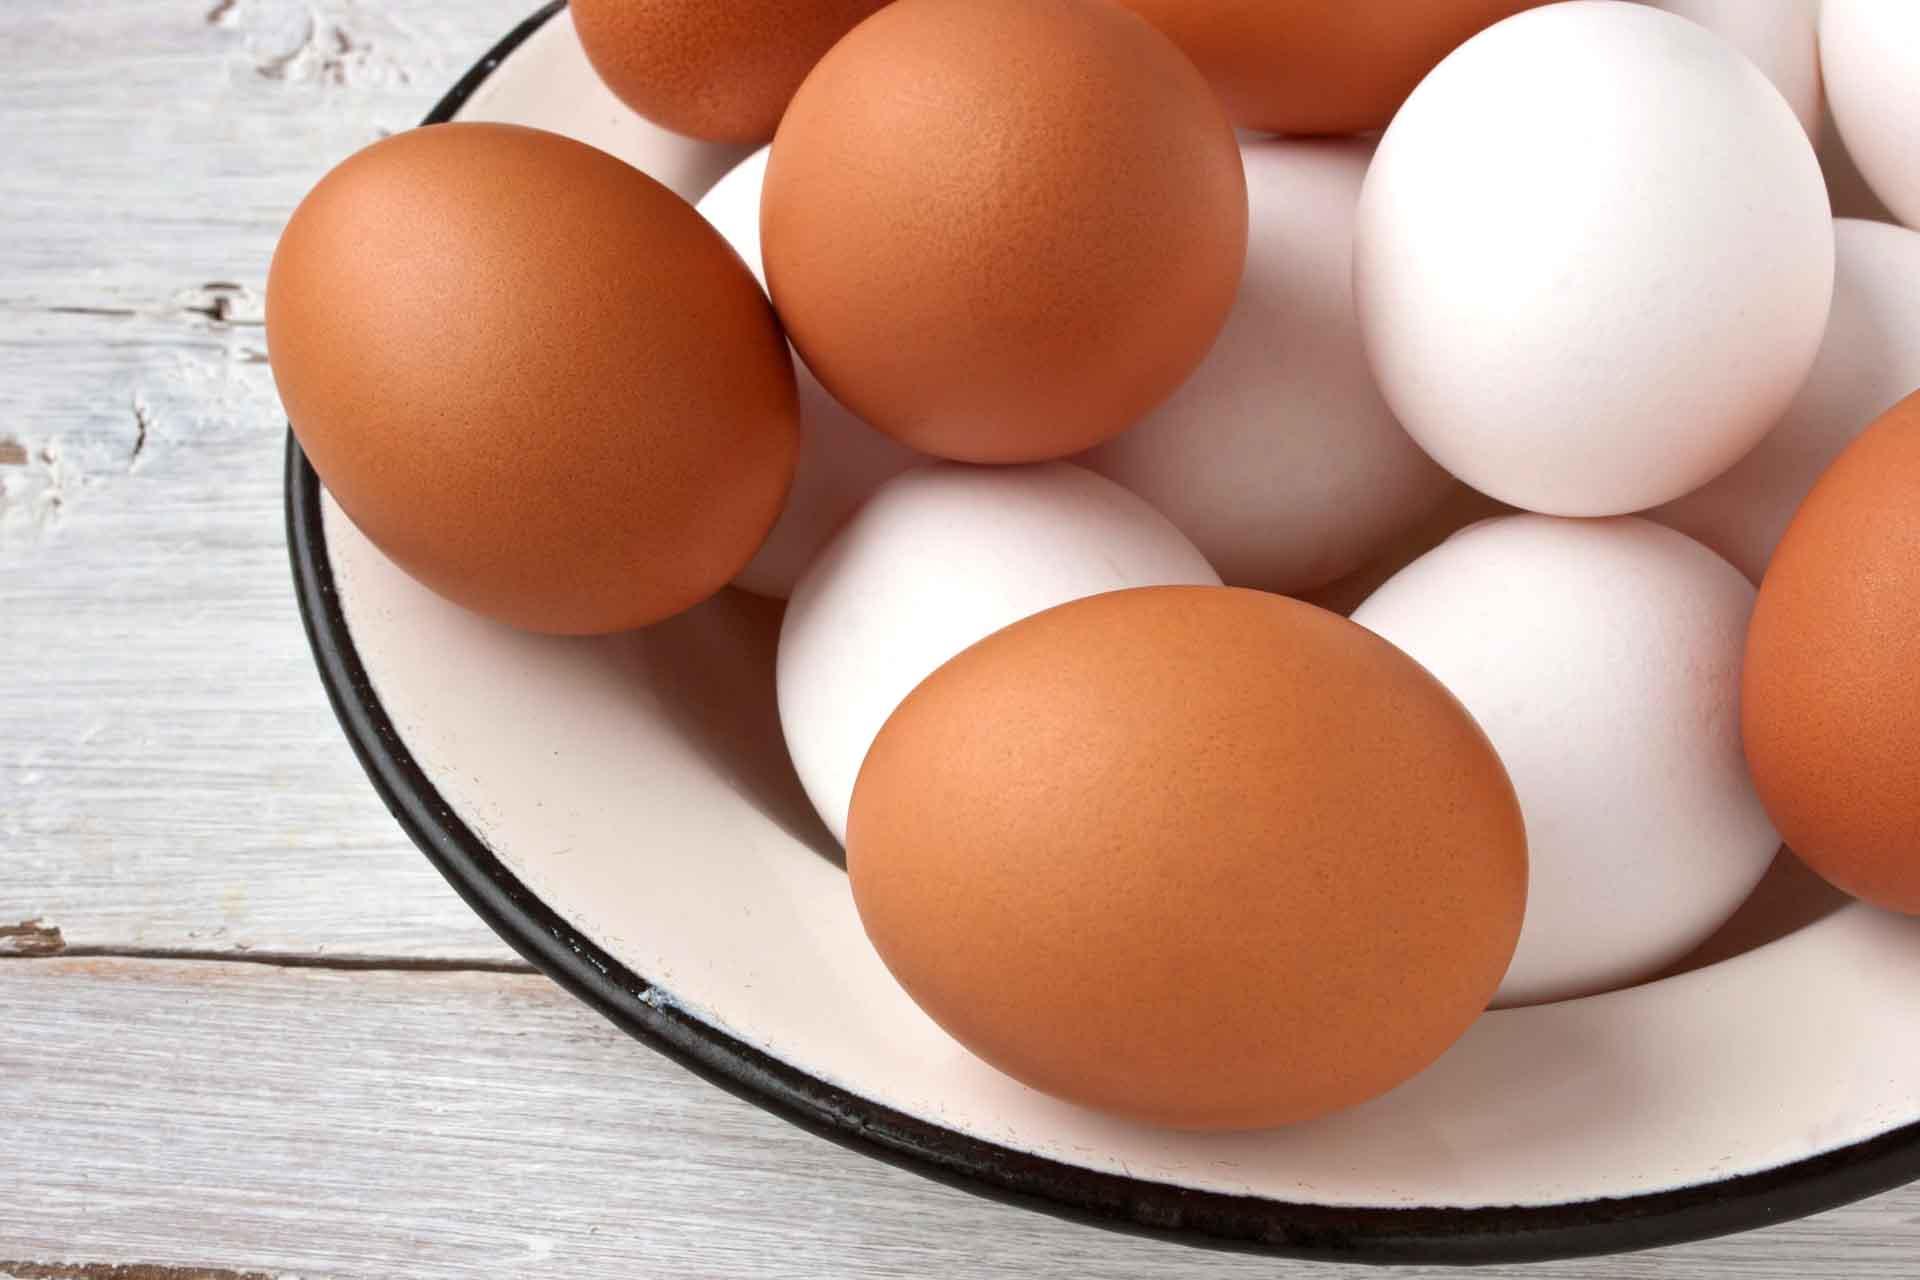 Eggs elektroanlagen